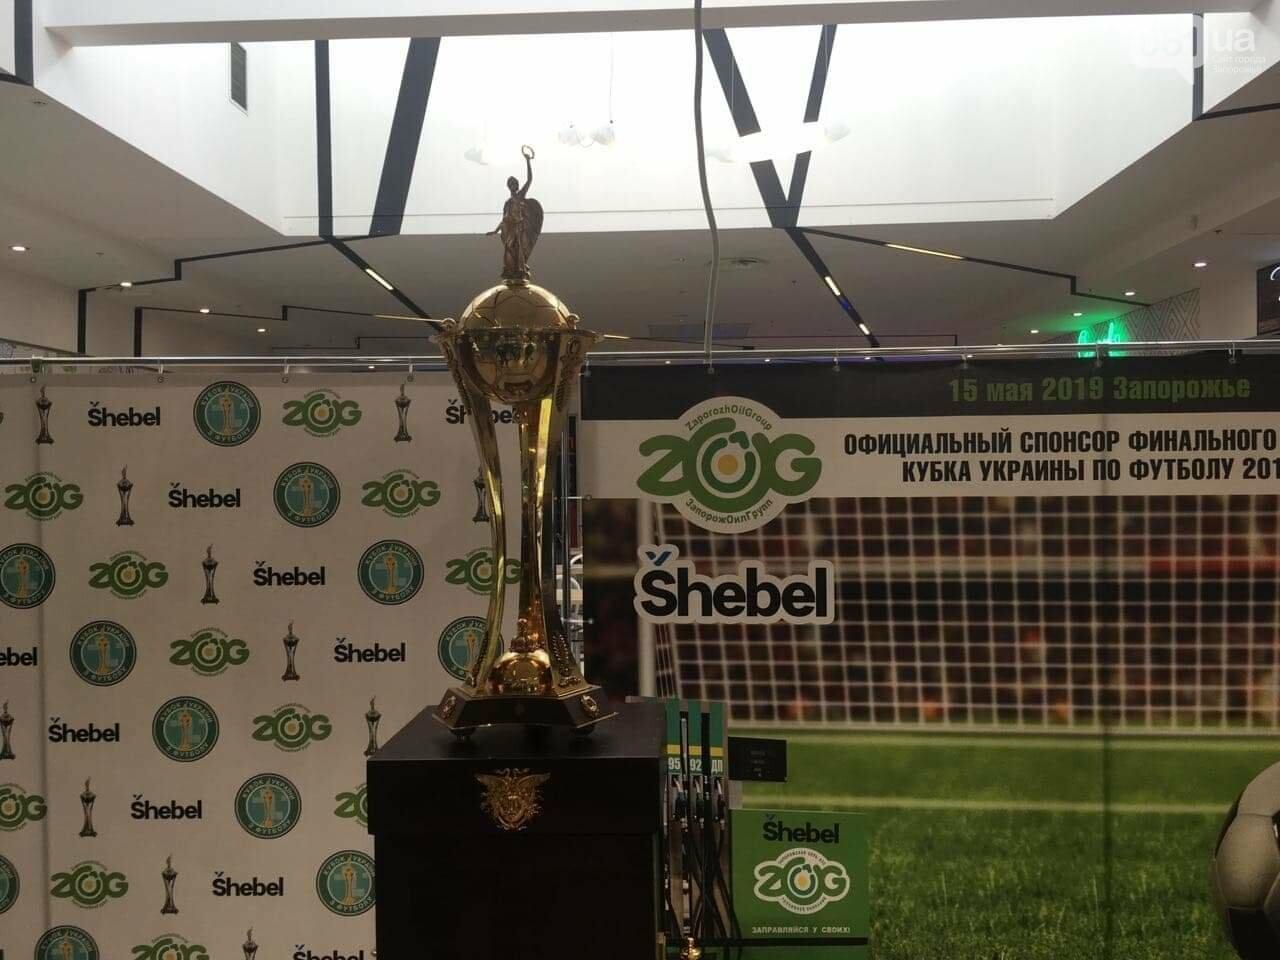 Главный футбольный трофей страны выставили в запорожском торговом центре, - ФОТО, фото-4